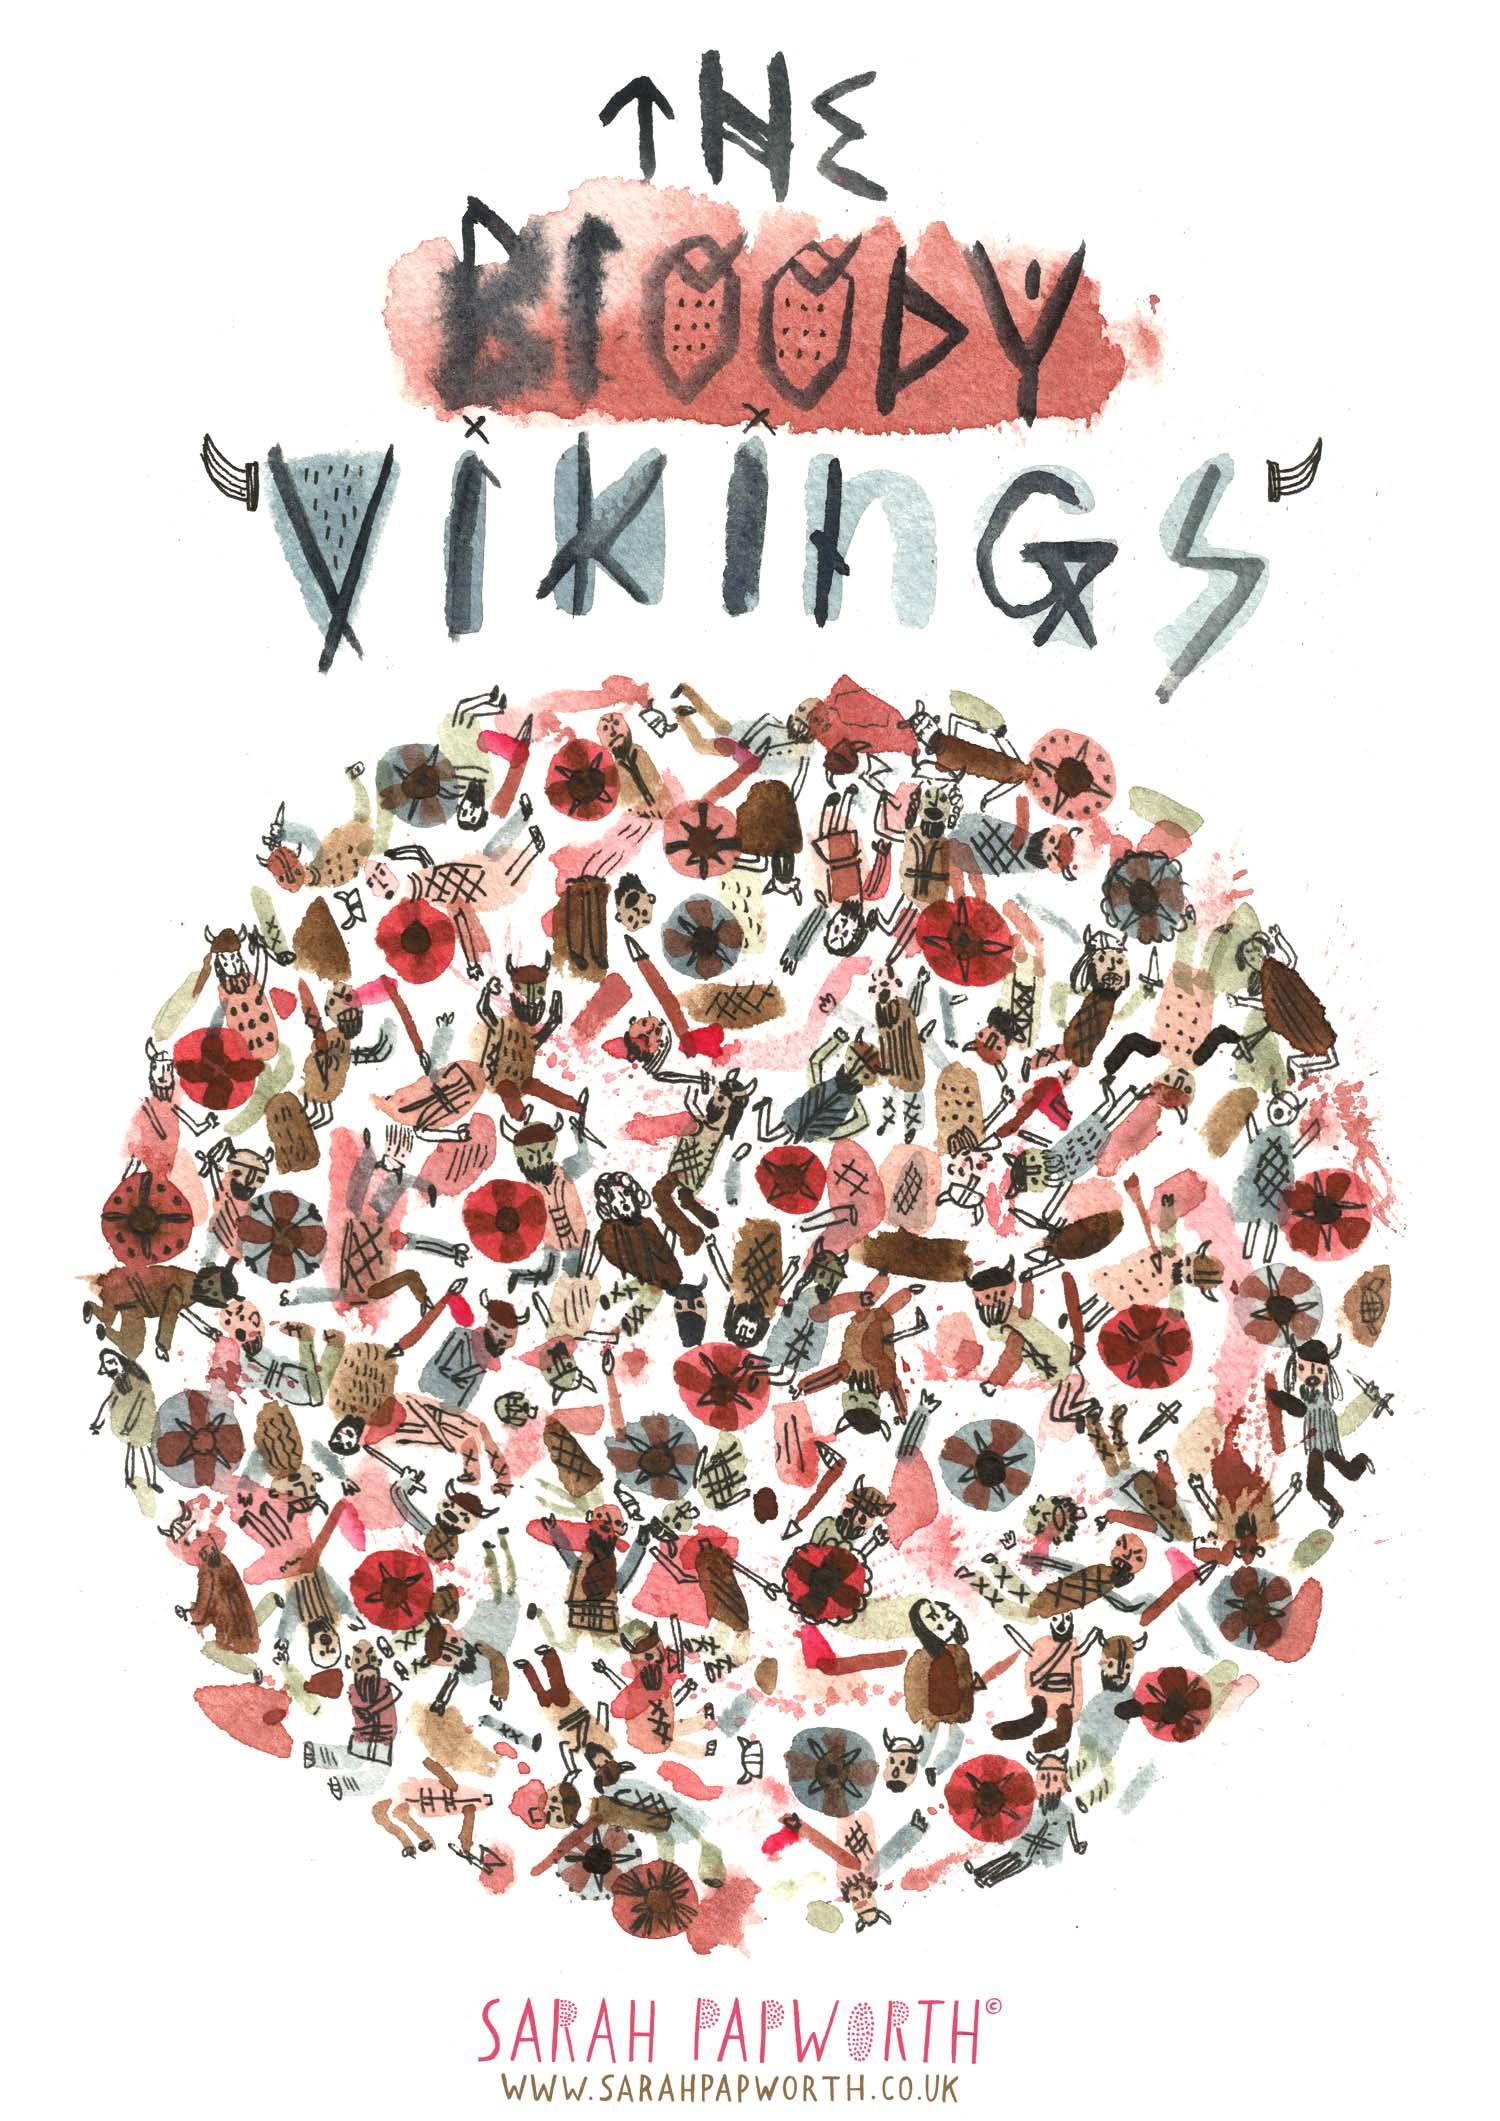 bloody vikings watercolour illustration historical drawings book illustrator sarah papworth.jpg